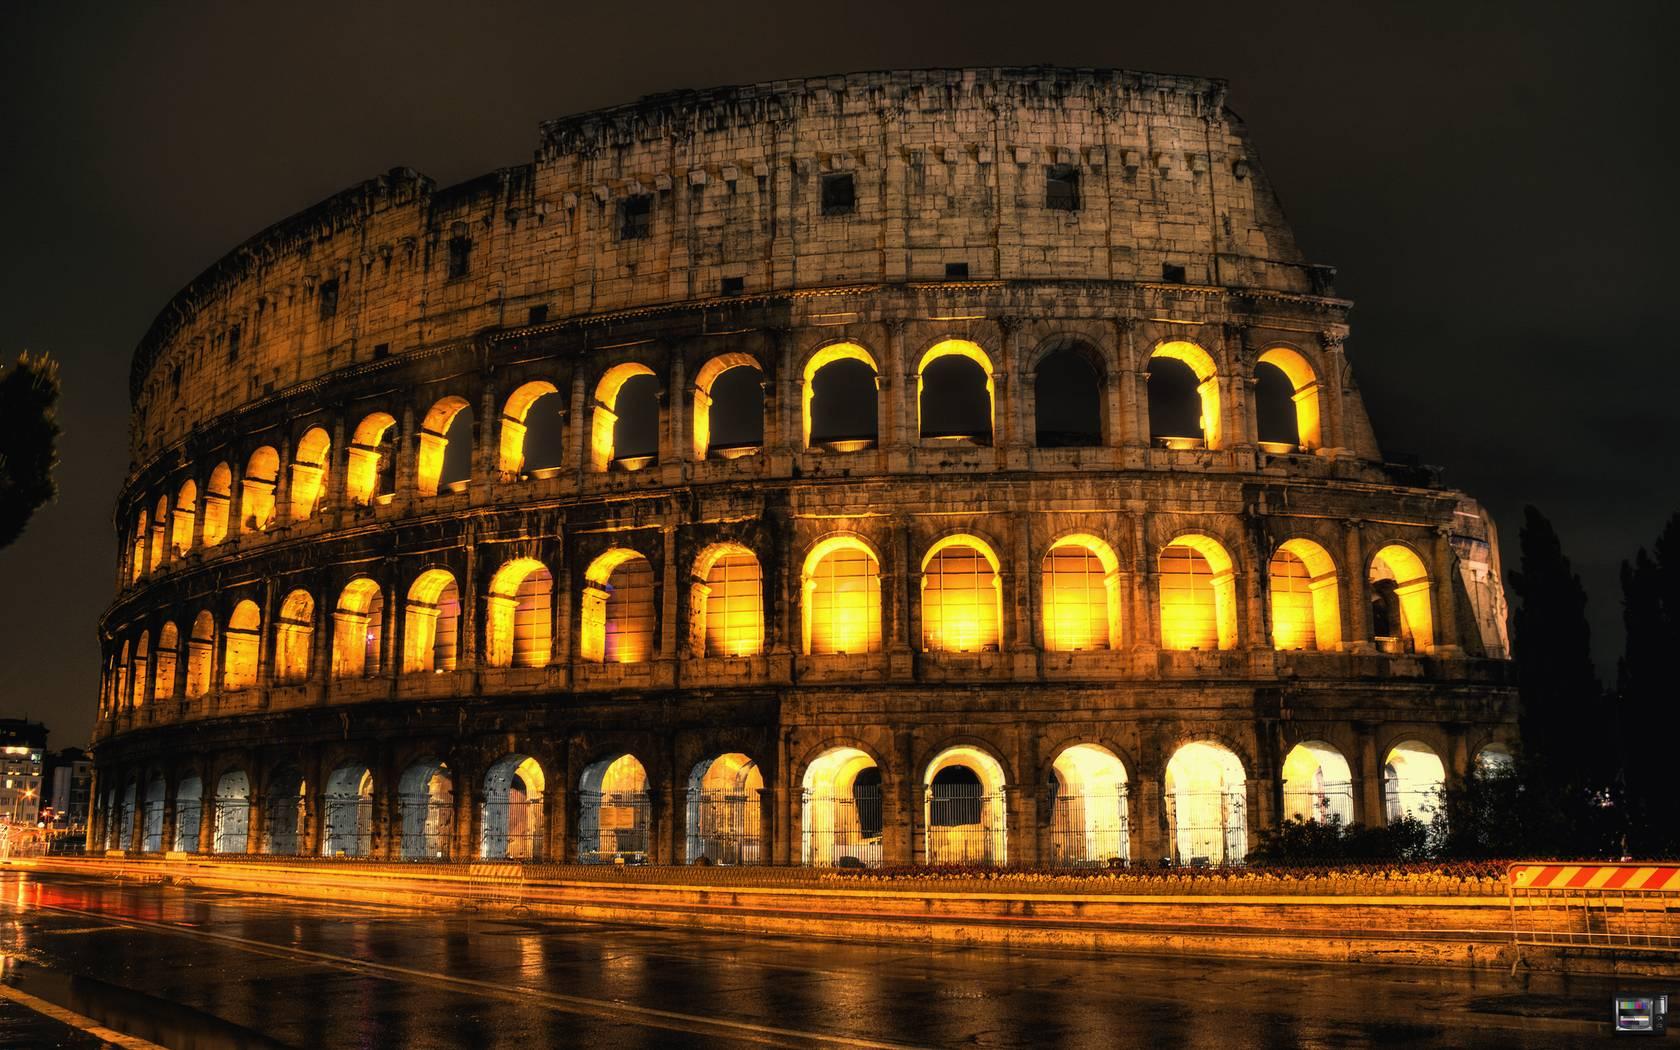 Fondos de pantalla de Roma | Wallpapers de Roma | Fondos de ...